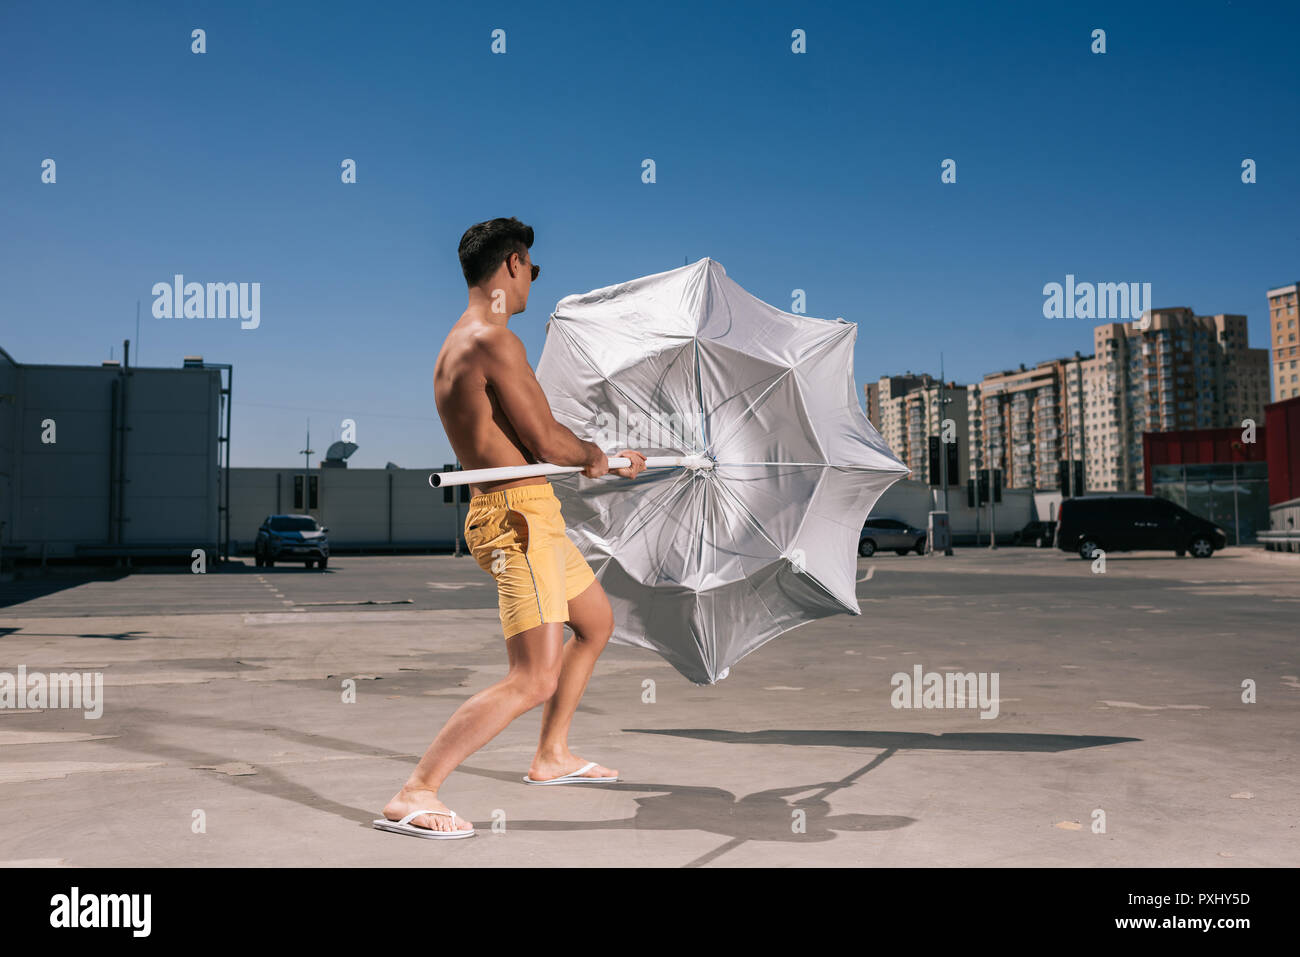 Beau jeune homme torse nu avec parasol sur parking Banque D Images ... f1b1d1fa873